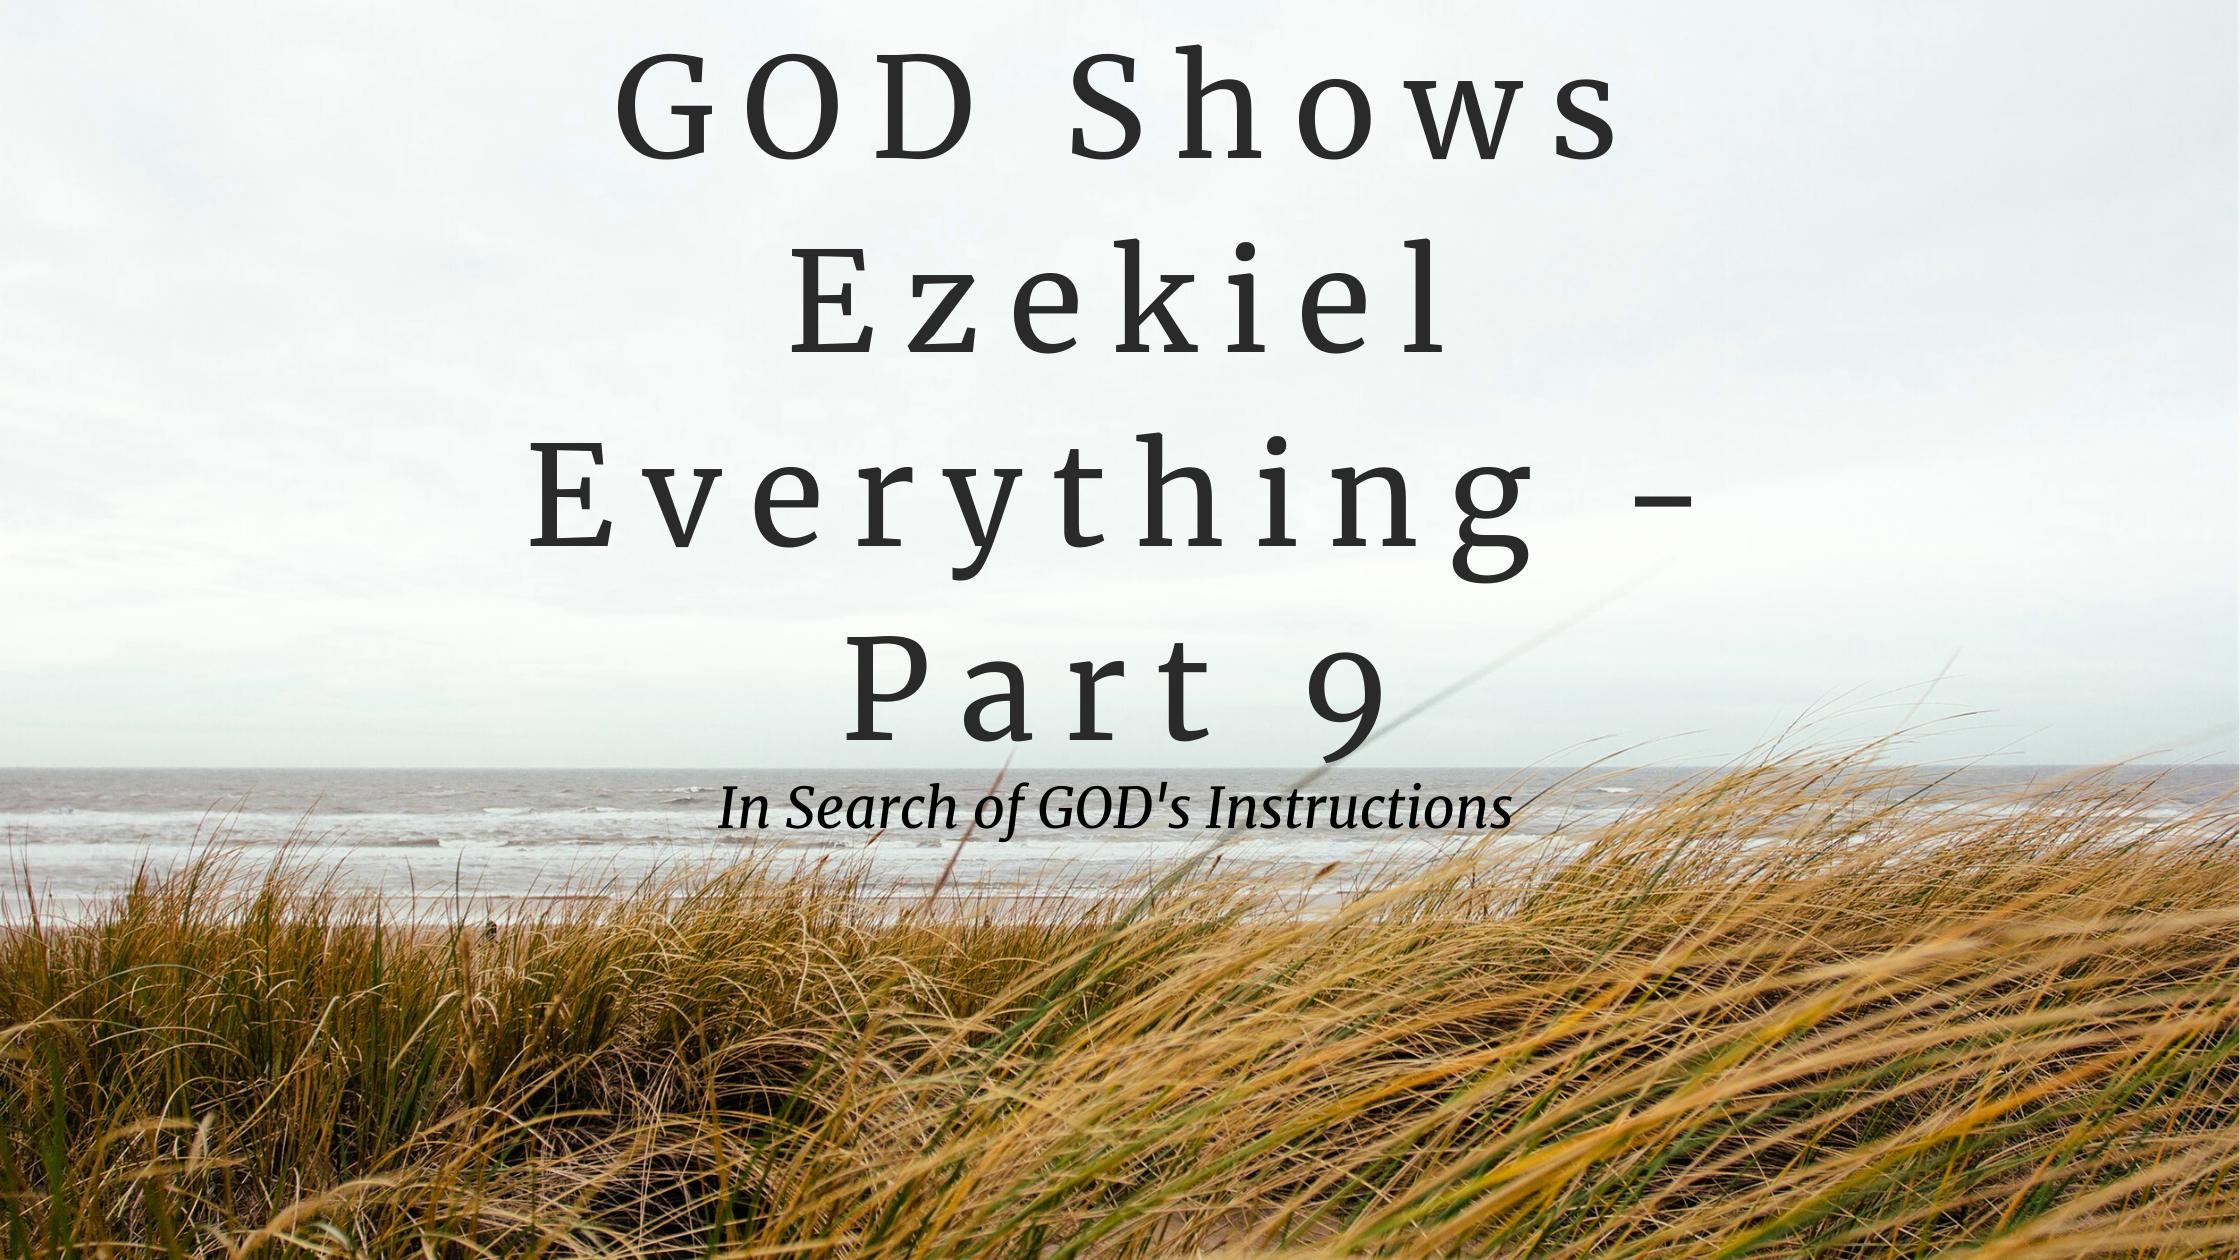 GOD-Shows-Ezekiel-Everything-Part-9/graphic